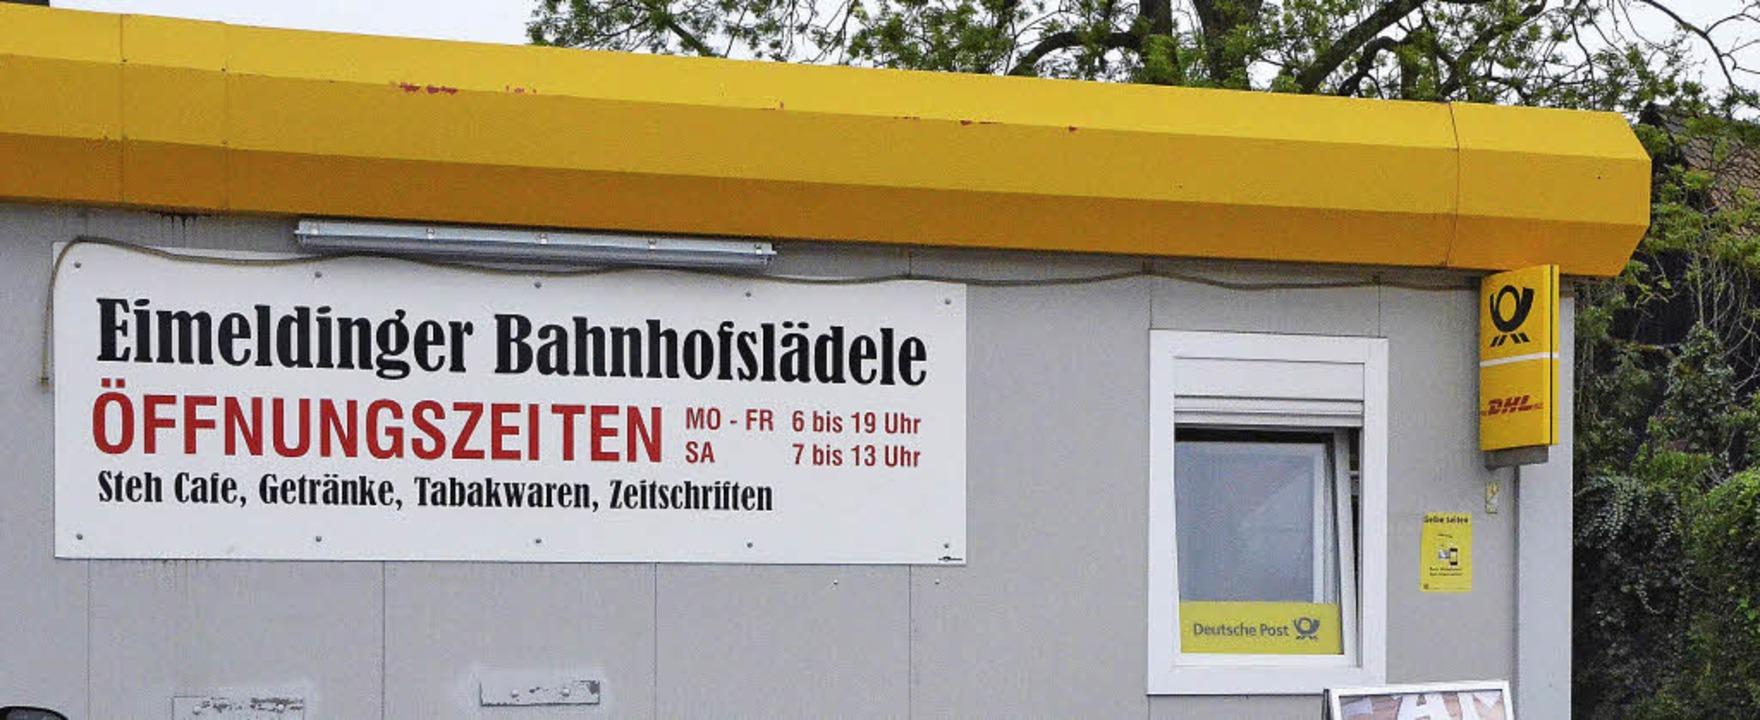 Dass für den  Bahnhofsladen   keine Bl...at Merstetter viel Sympathie gekostet.    Foto: langelott